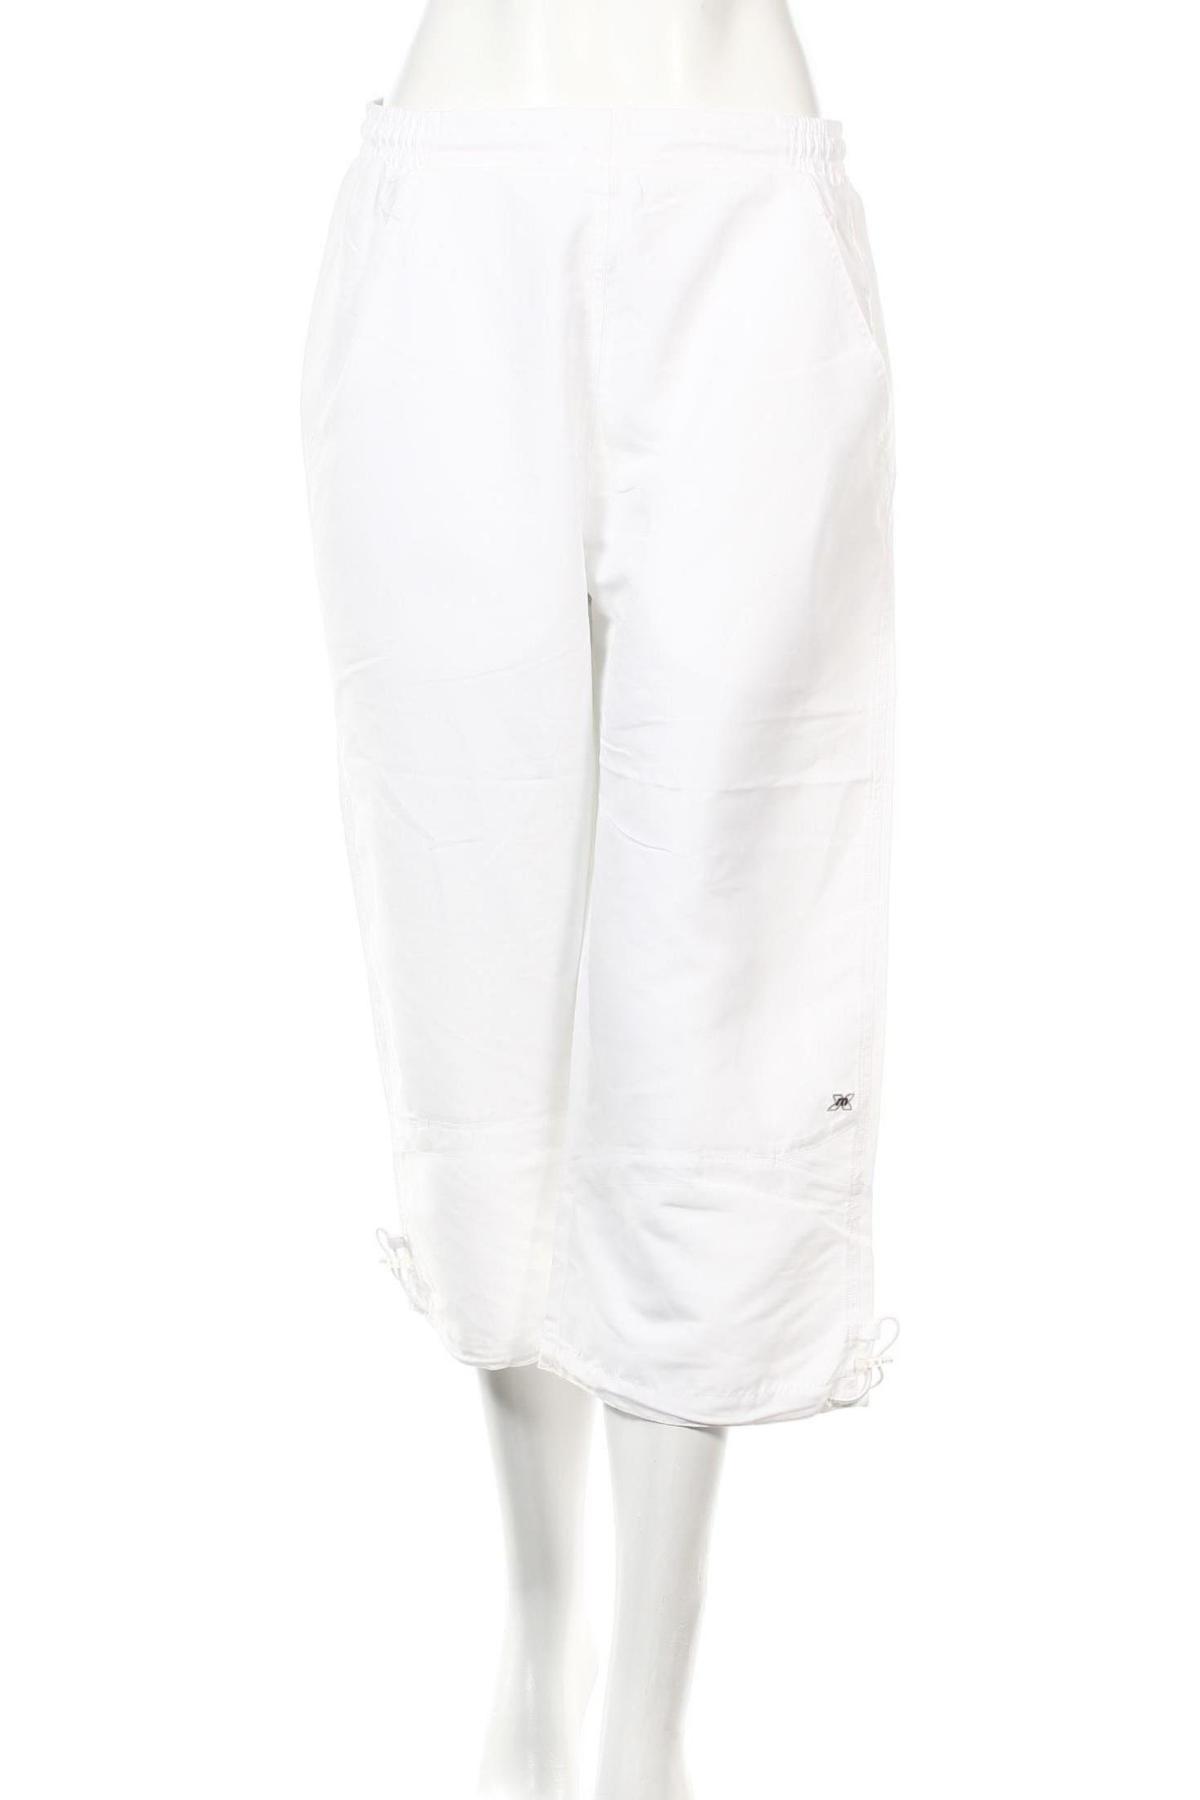 Дамско спортно долнище Masita, Размер L, Цвят Бял, Полиестер, Цена 3,36лв.